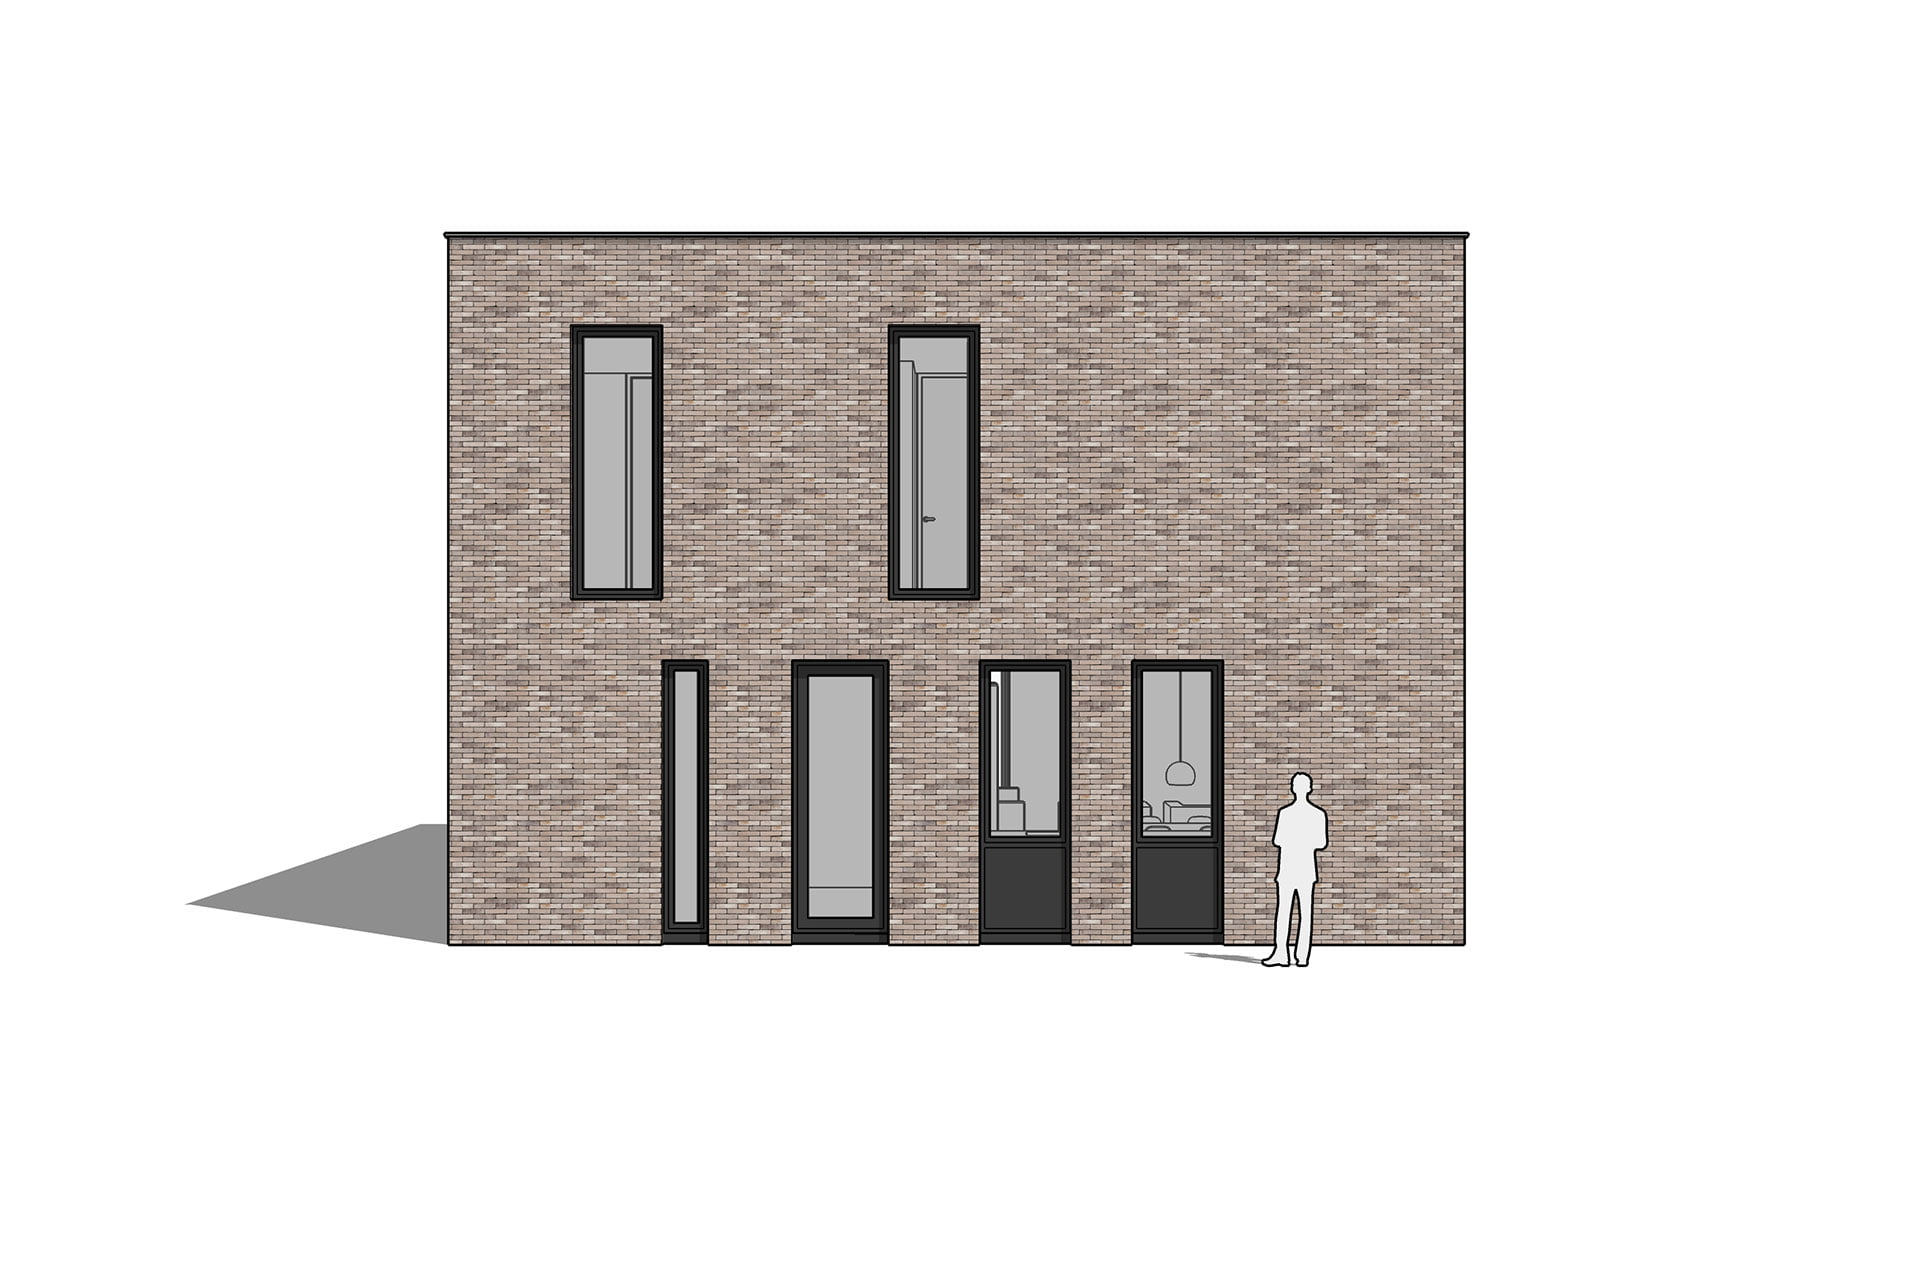 Villa Slotervaart, Cor Hermusstraat, Amsterdam Nieuw-West